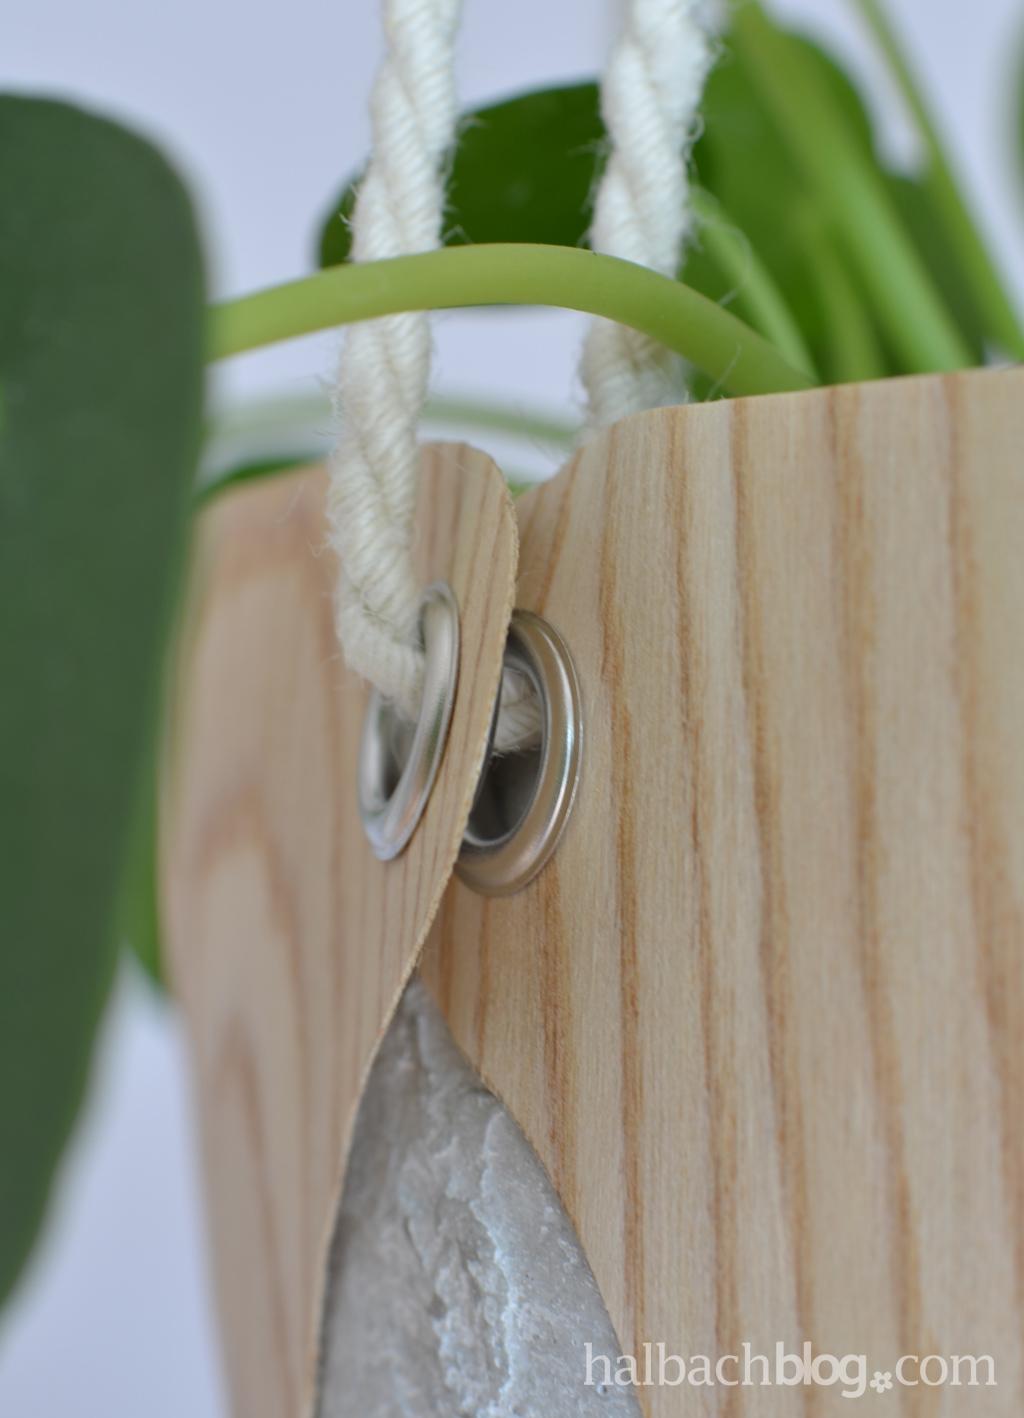 DIY-Tutorial halbachblog: Blumenampel aus Holzfurnier-Stoff nähen - dicke Jutekordel und Ösen